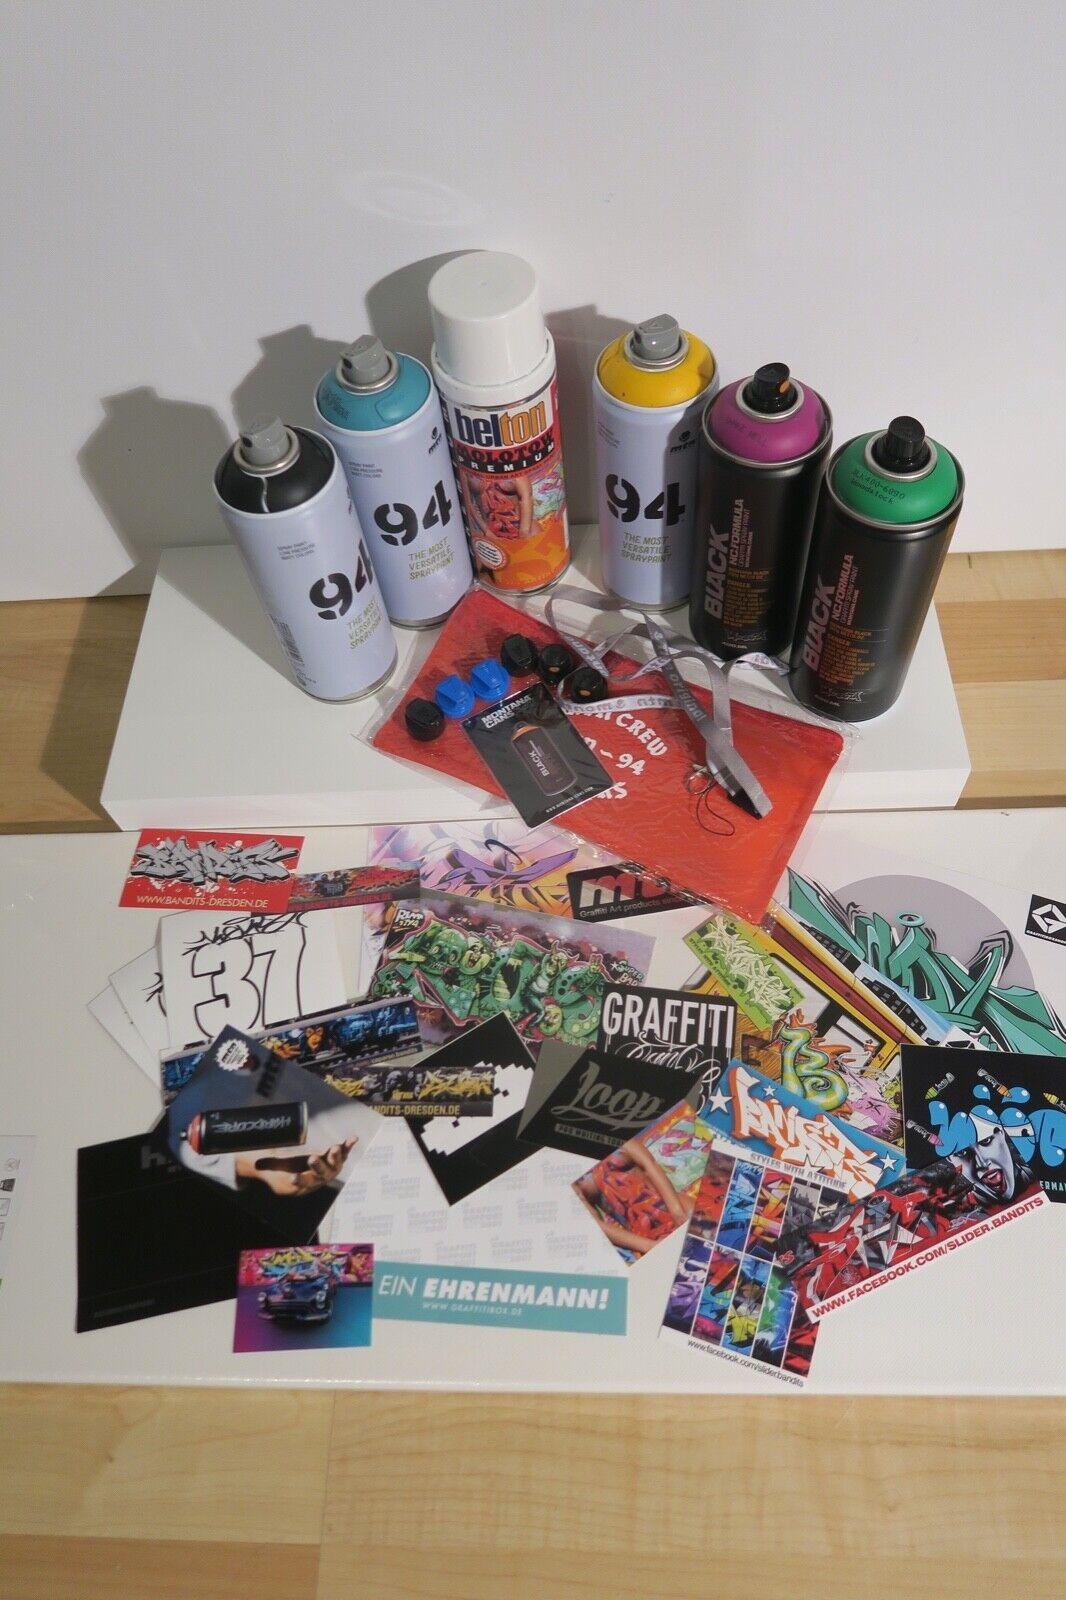 Sprühdosen Set Graffiti Montana Cans MTN + Caps + Sticker+ Stiftetasche + extras